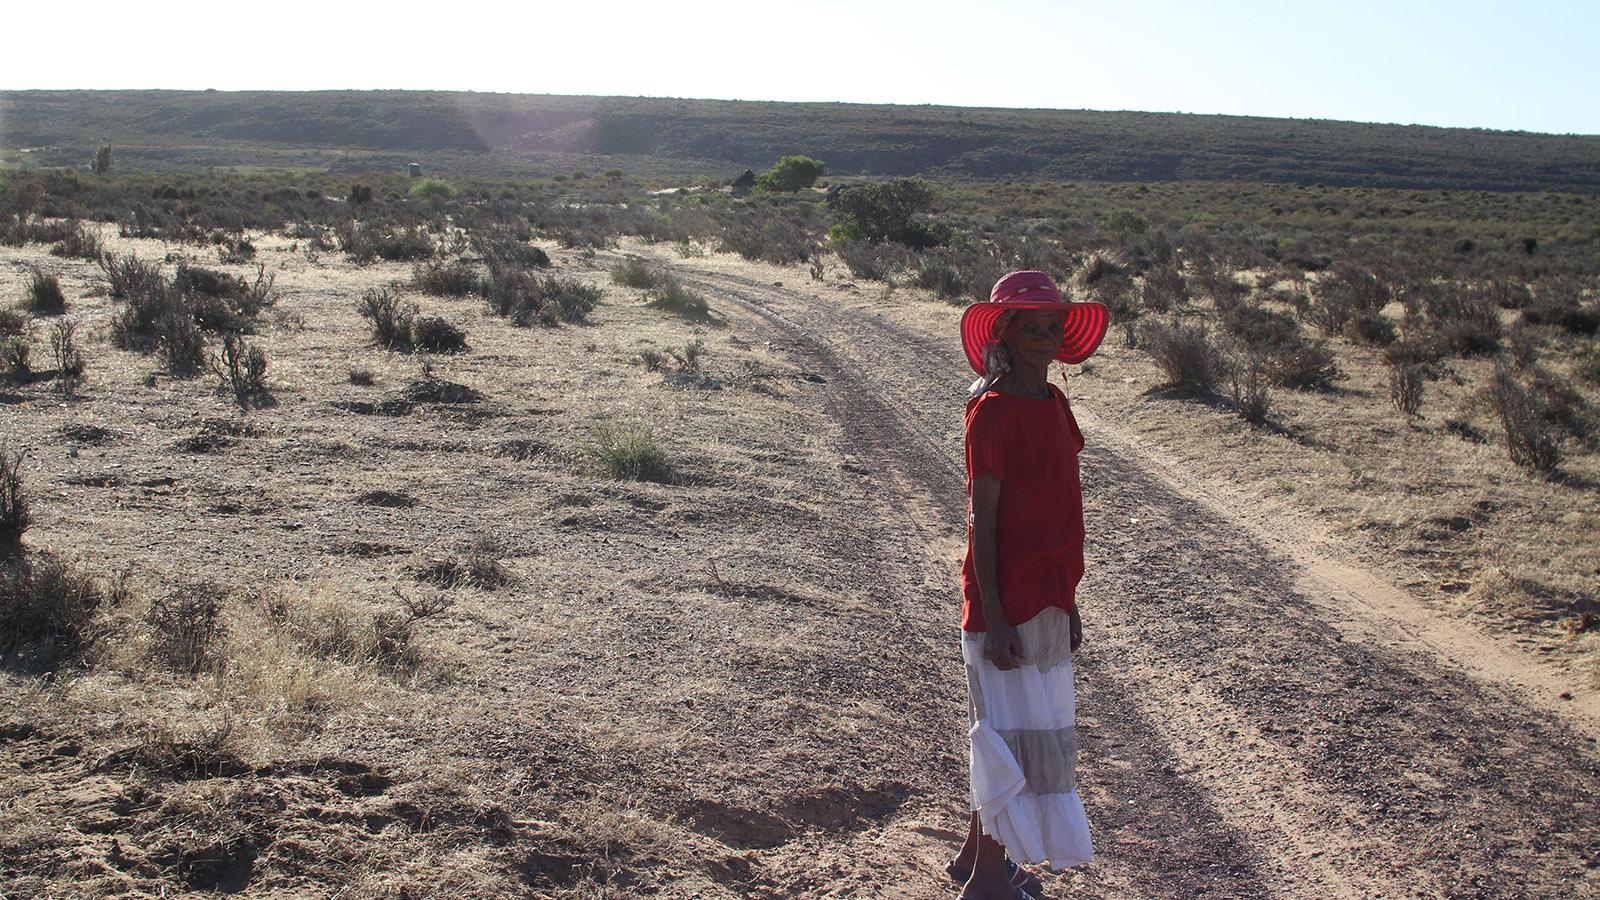 Projekt_Suedafrika_Solarprojekt_Slider_04